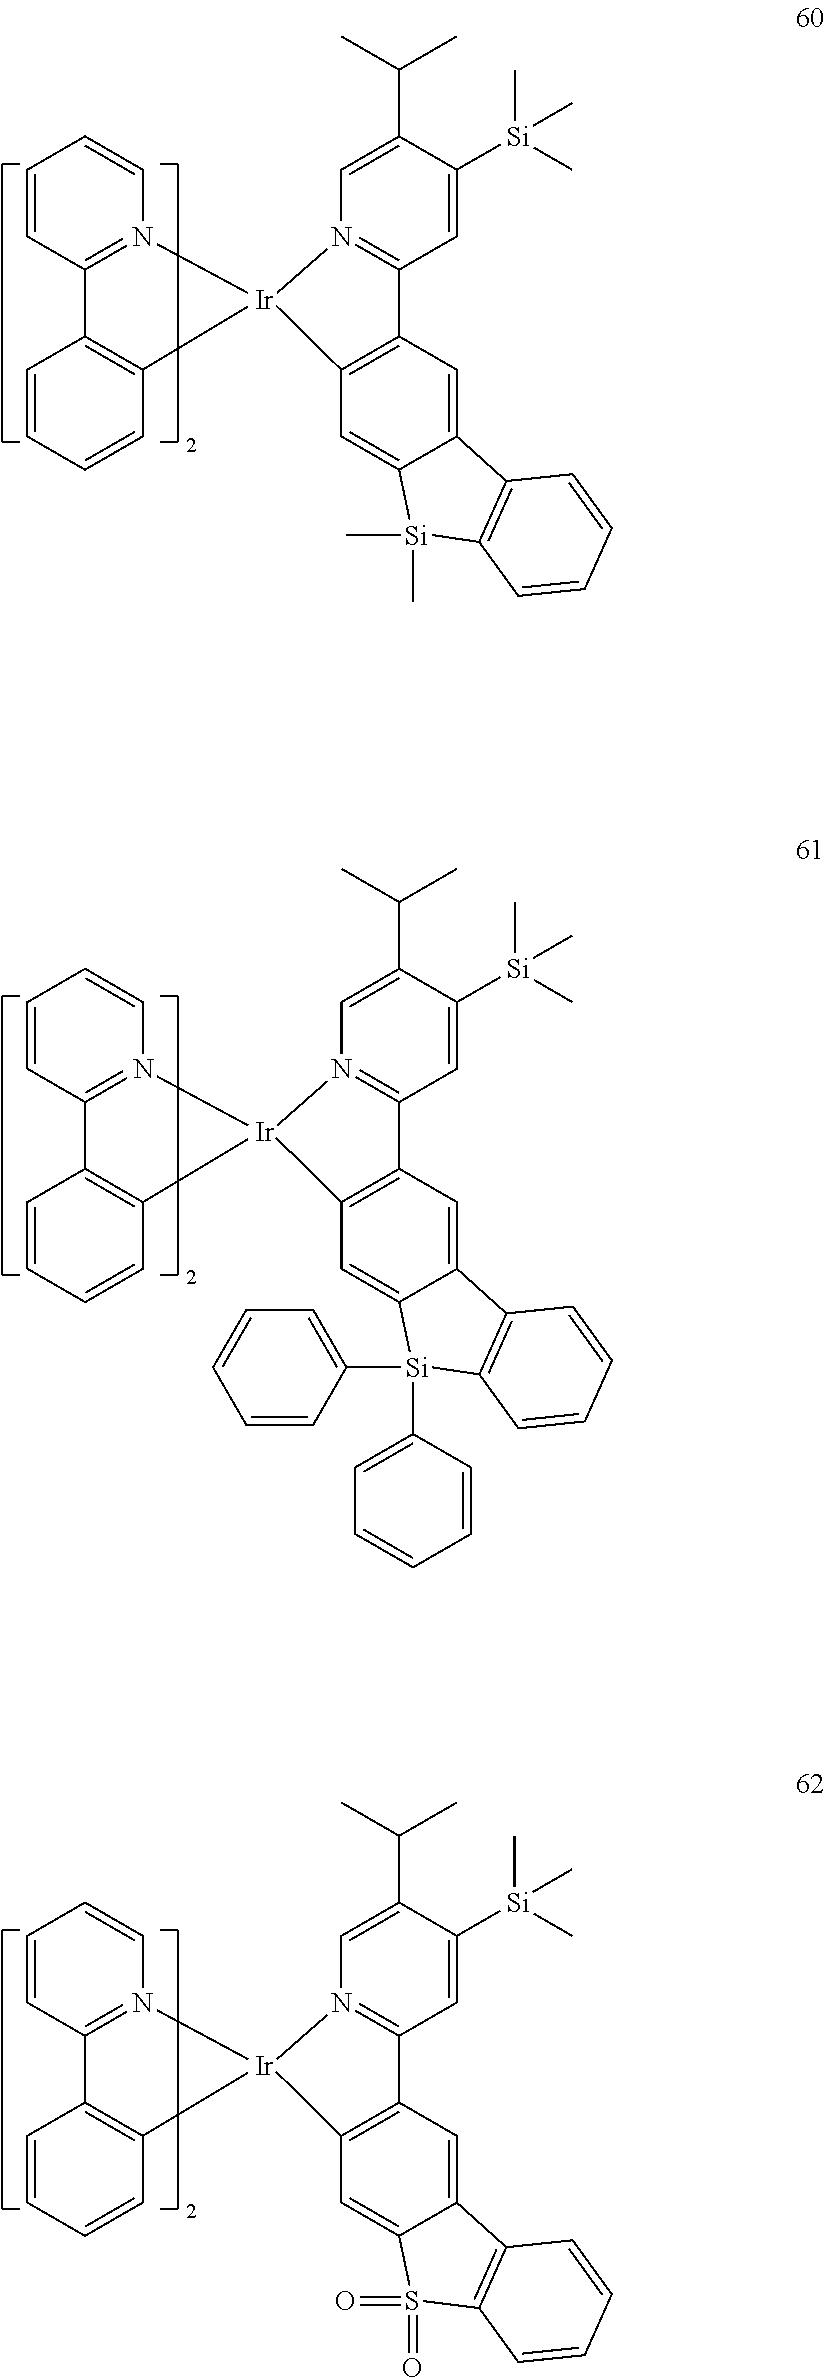 Figure US20160155962A1-20160602-C00076